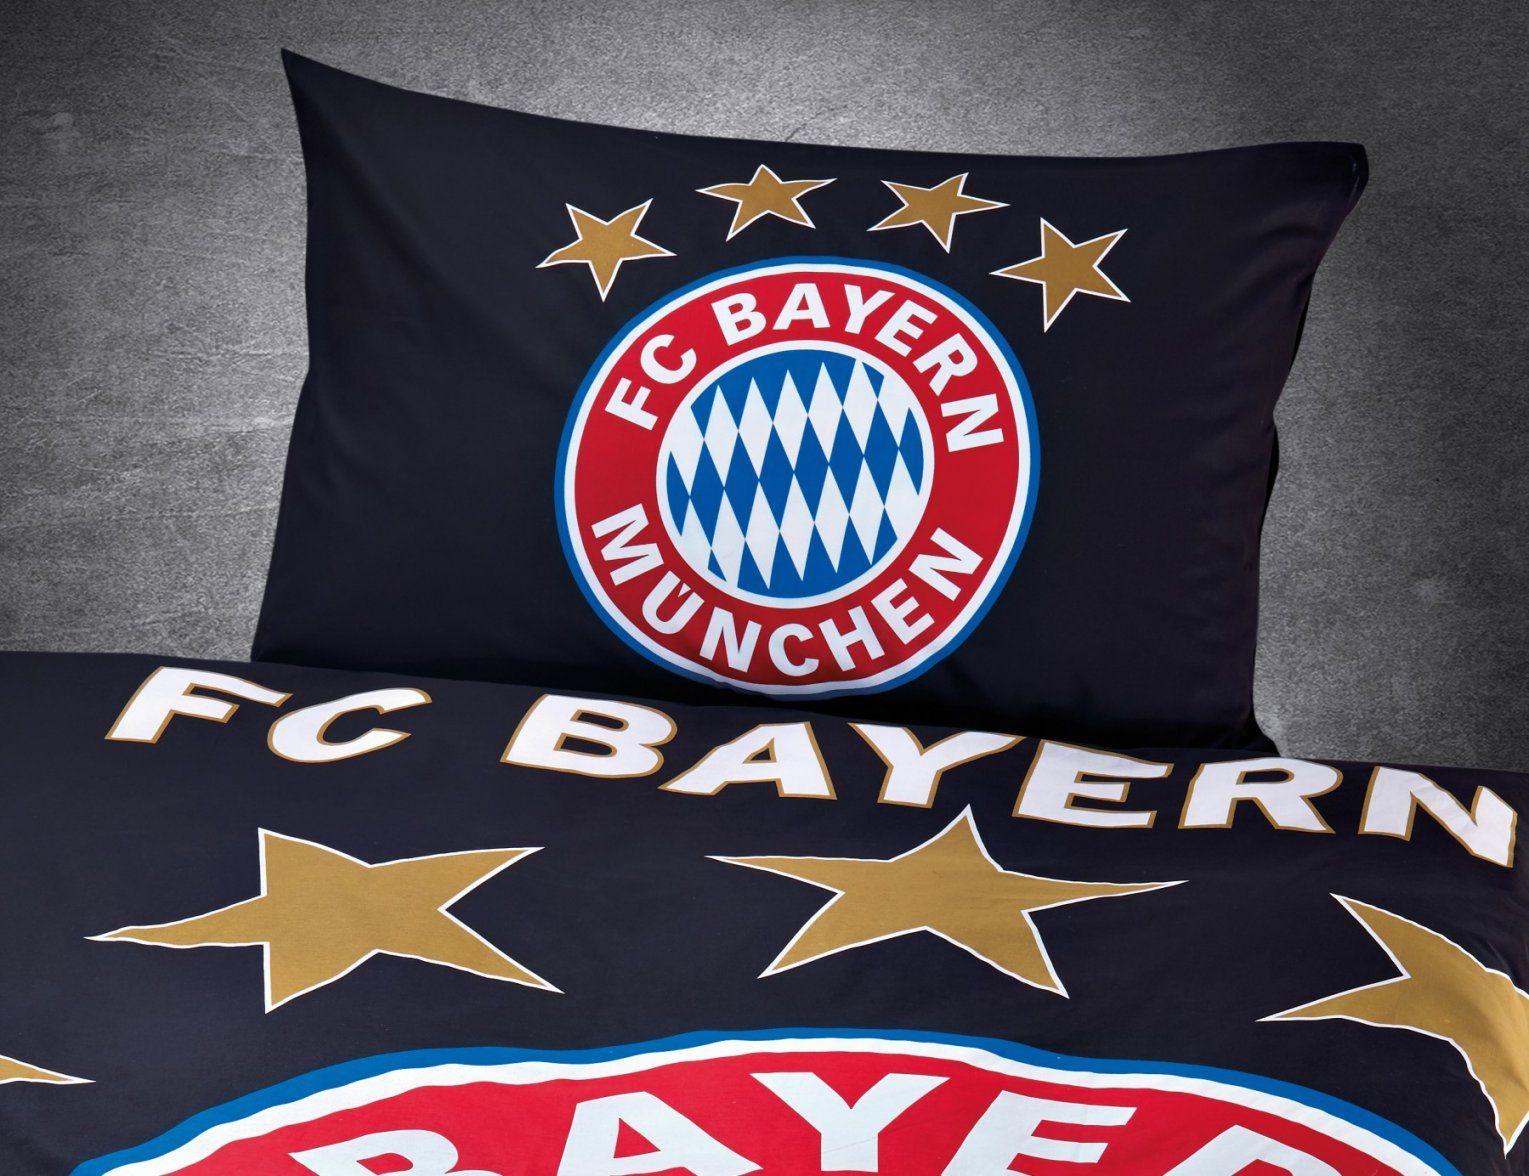 Fc Bayern München Bettwäsche Leuchtet Im Dunkeln Günstig ⋆ Lehner von Bettwäsche Bayern München Günstig Photo